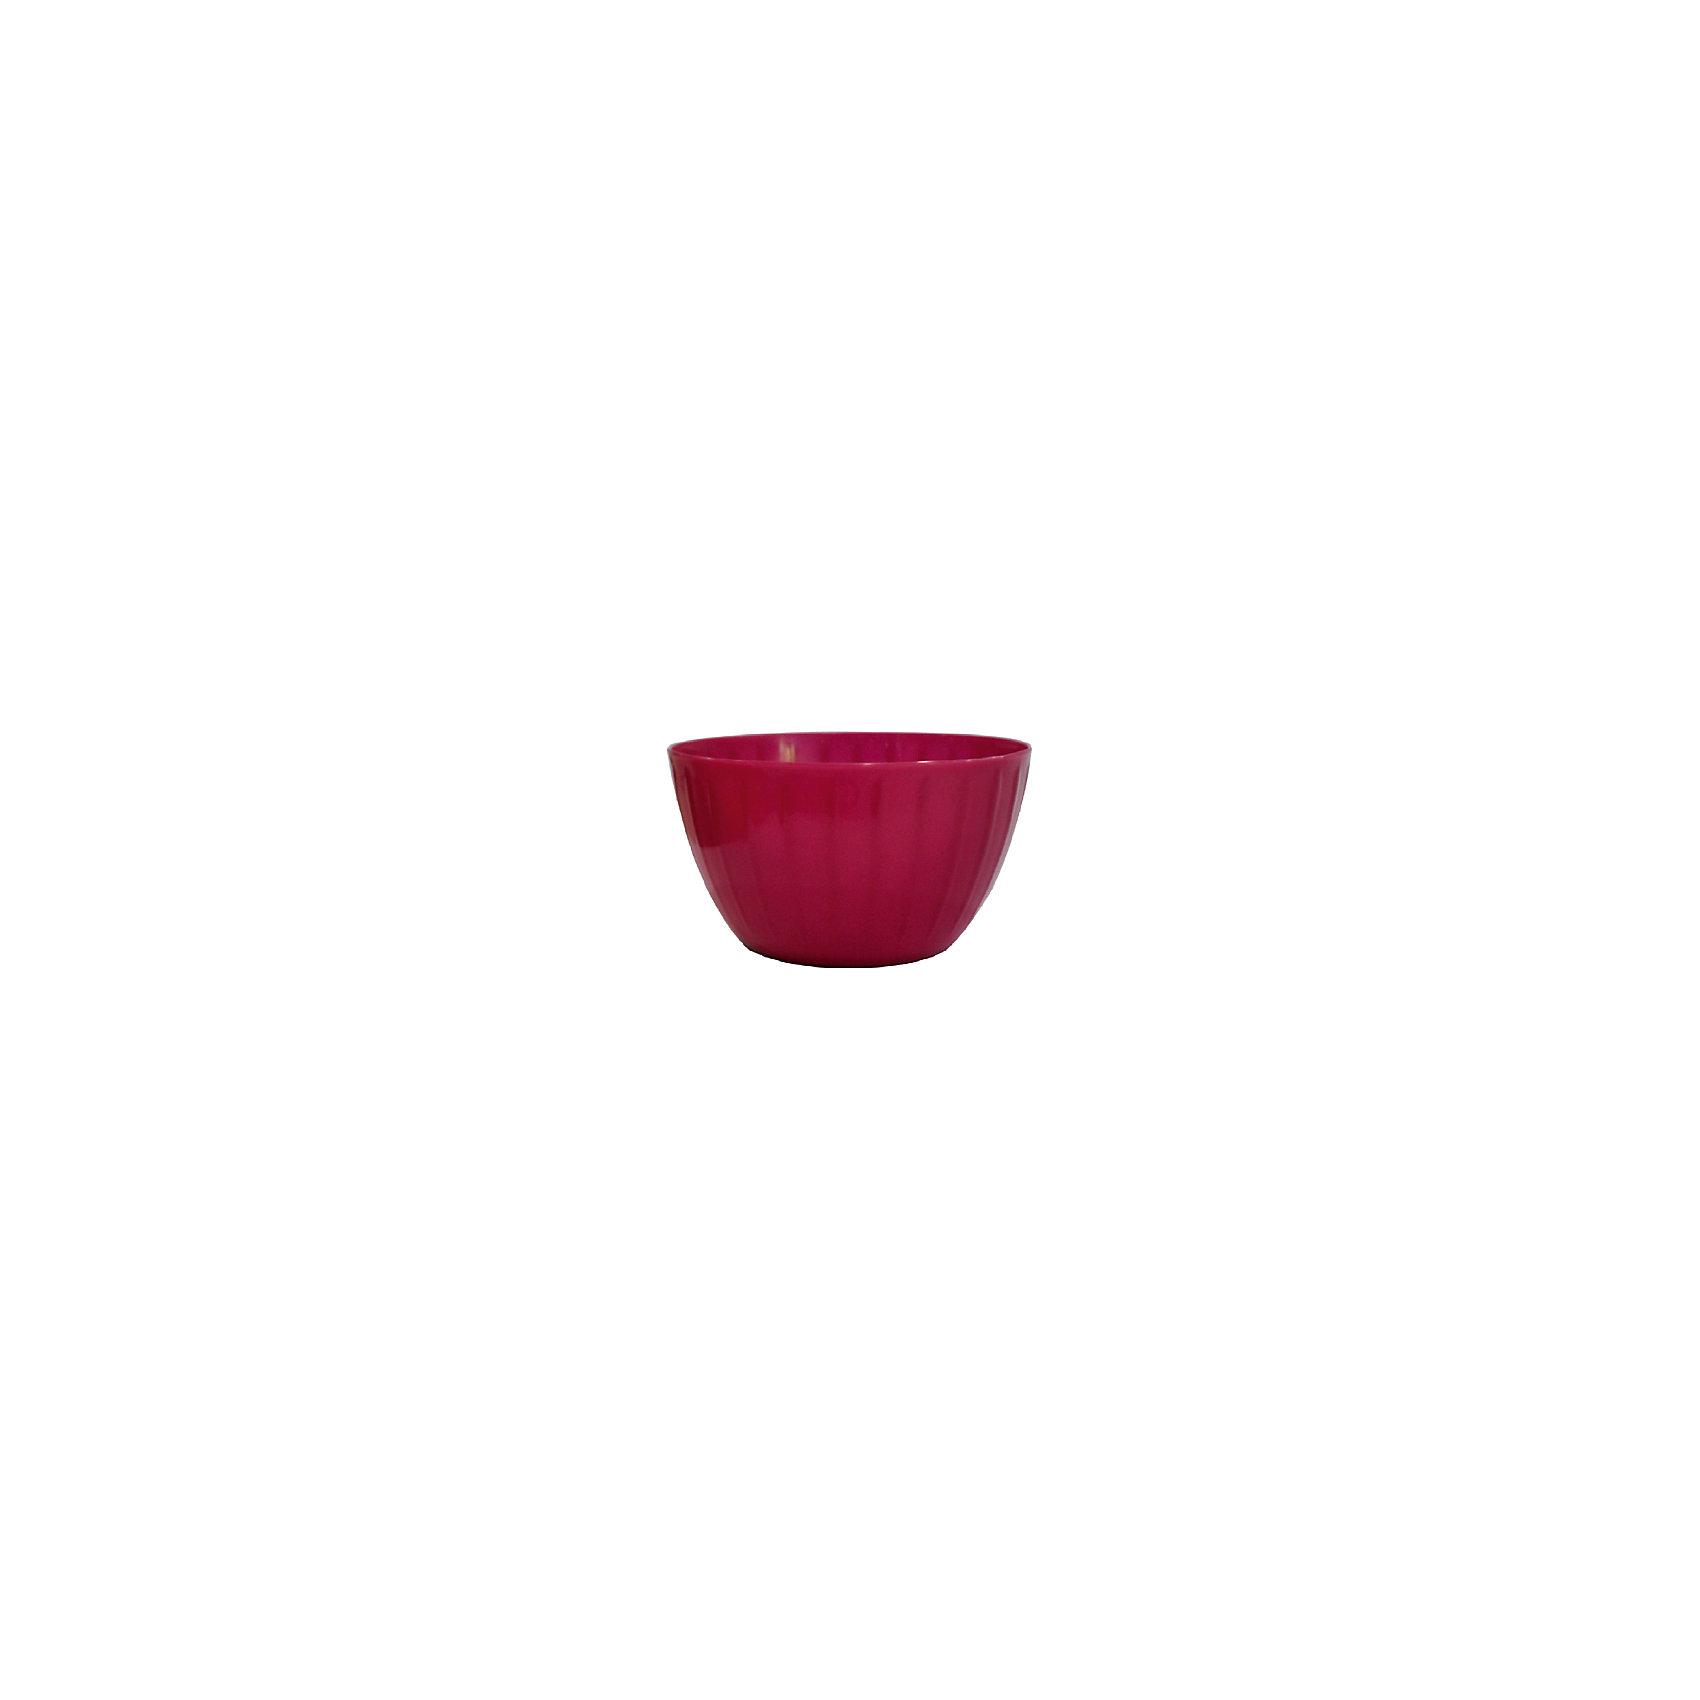 Салатник Fiesta 2,8 л, GiarettiПосуда<br>Салатник Fiesta 2,8 л, Giaretti<br><br>Характеристики:<br><br>• Цвет: красный<br>• Материал: пластик<br>• В комплекте: 1 штука<br>• Объем: 2,8 литра<br><br>Благодаря яркому интересному дизайну этот салатник придаст творческой атмосферы вашей кухне и процессу готовки. Его можно использовать как для приготовления блюд, так и для их подачи на стол. Салатник имеет литраж 2,8 л, а так же изготовлен из высококачественного пластика.<br><br>Салатник Fiesta 2,8 л, Giaretti можно купить в нашем интернет-магазине.<br><br>Ширина мм: 219<br>Глубина мм: 219<br>Высота мм: 103<br>Вес г: 183<br>Возраст от месяцев: 216<br>Возраст до месяцев: 1188<br>Пол: Унисекс<br>Возраст: Детский<br>SKU: 5545615